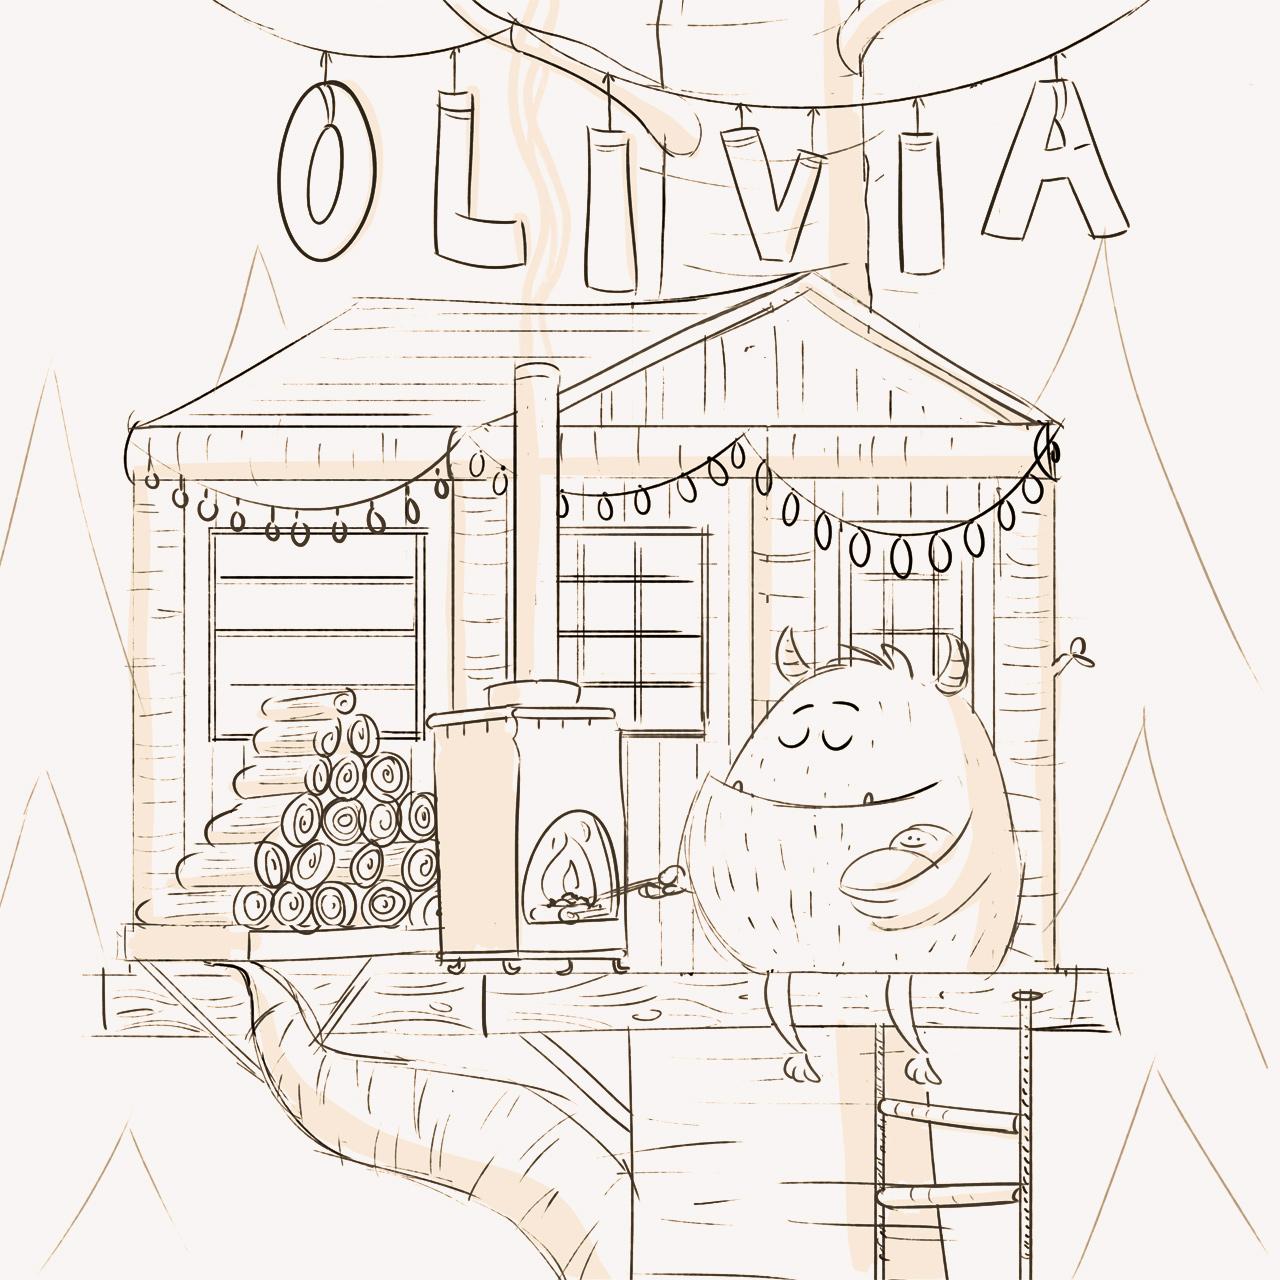 Een voorbeeld van een schets voor een geboortekaartje.